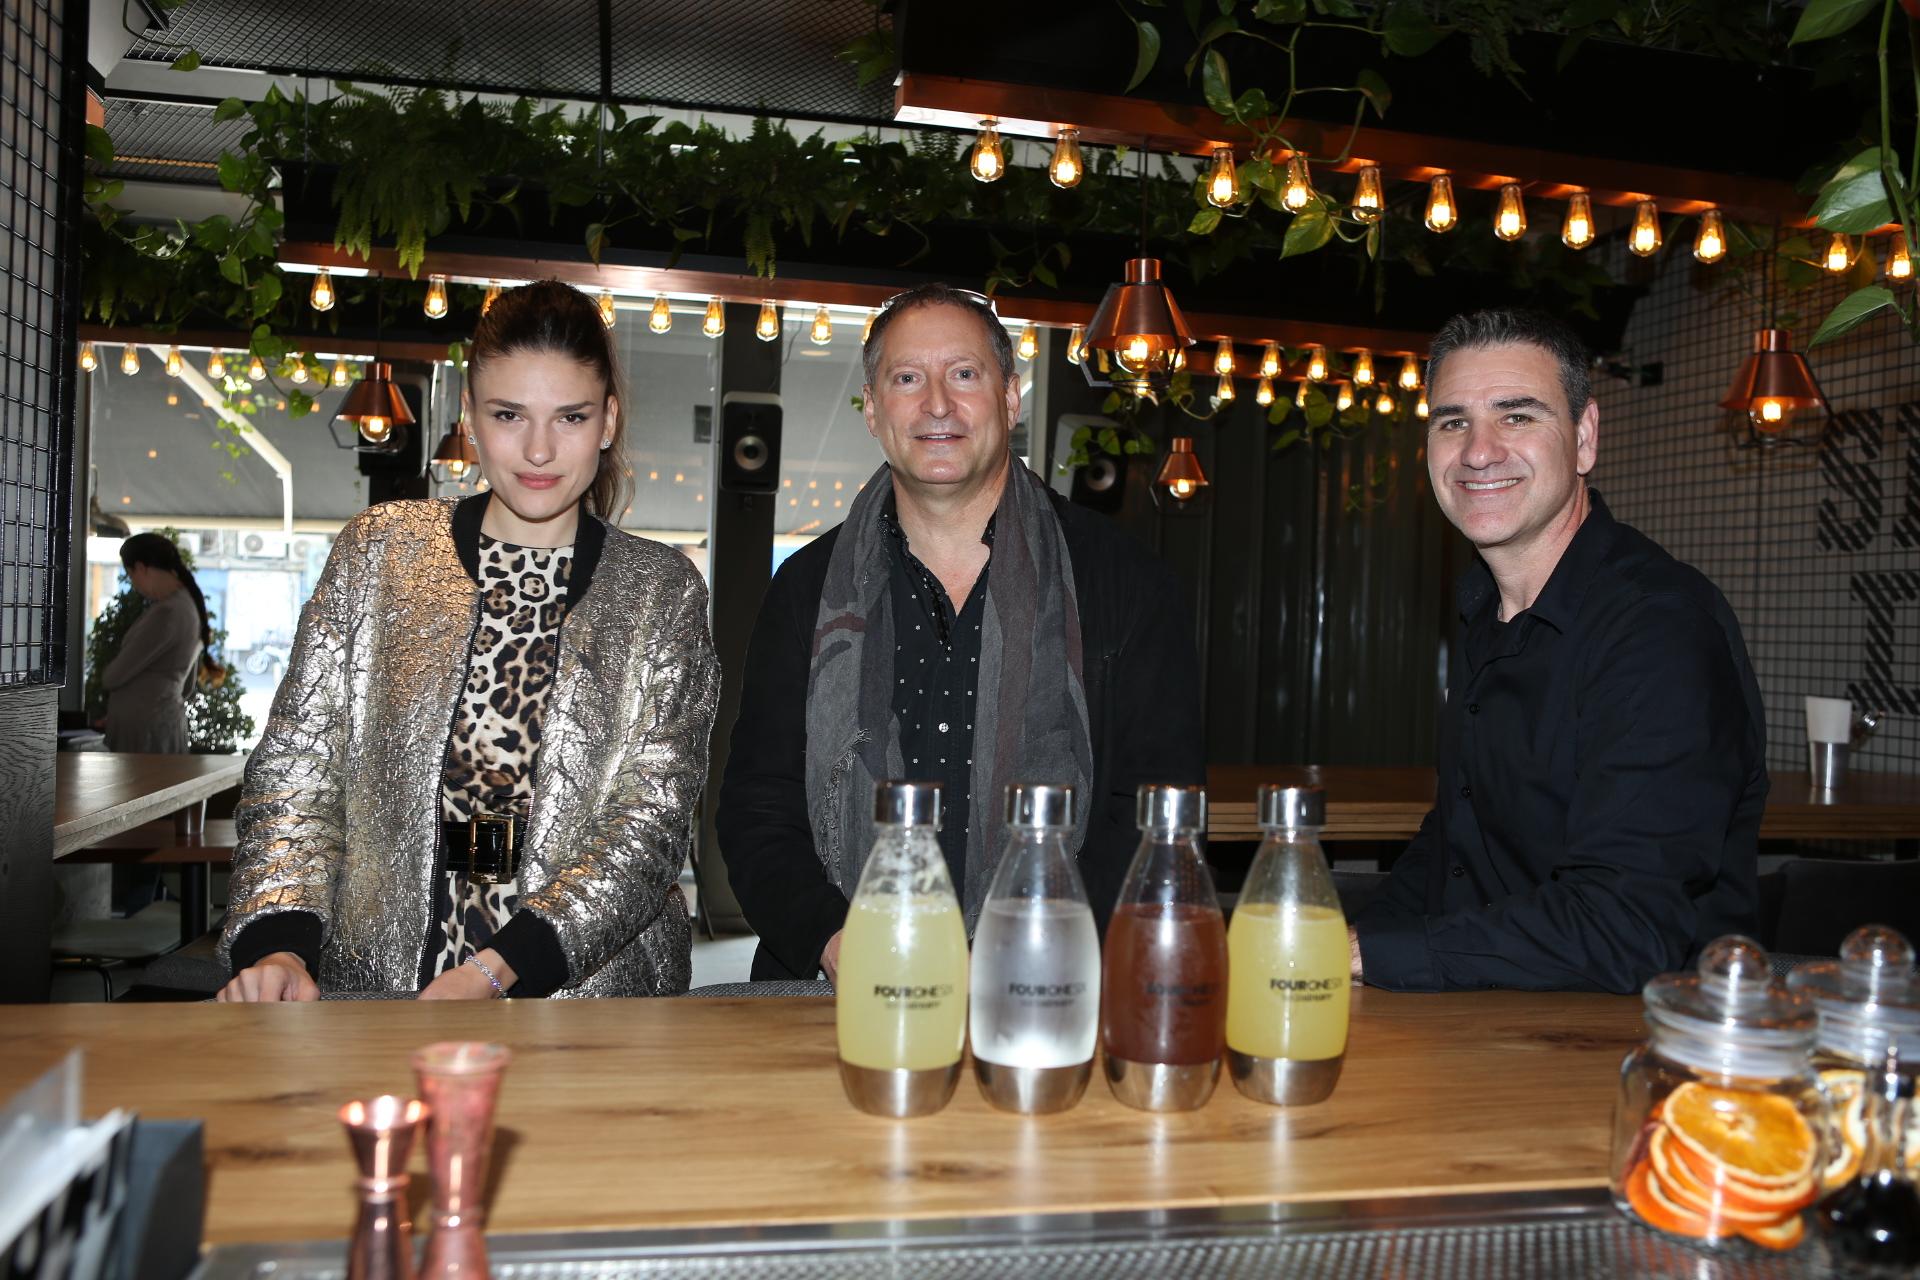 מימין תמיר מלמוד , דניאל בירנבאום וילנה ראלף סודהסטרים בשתפ עם מסעדת 416 הטבעונית צילום עופר חן (97)